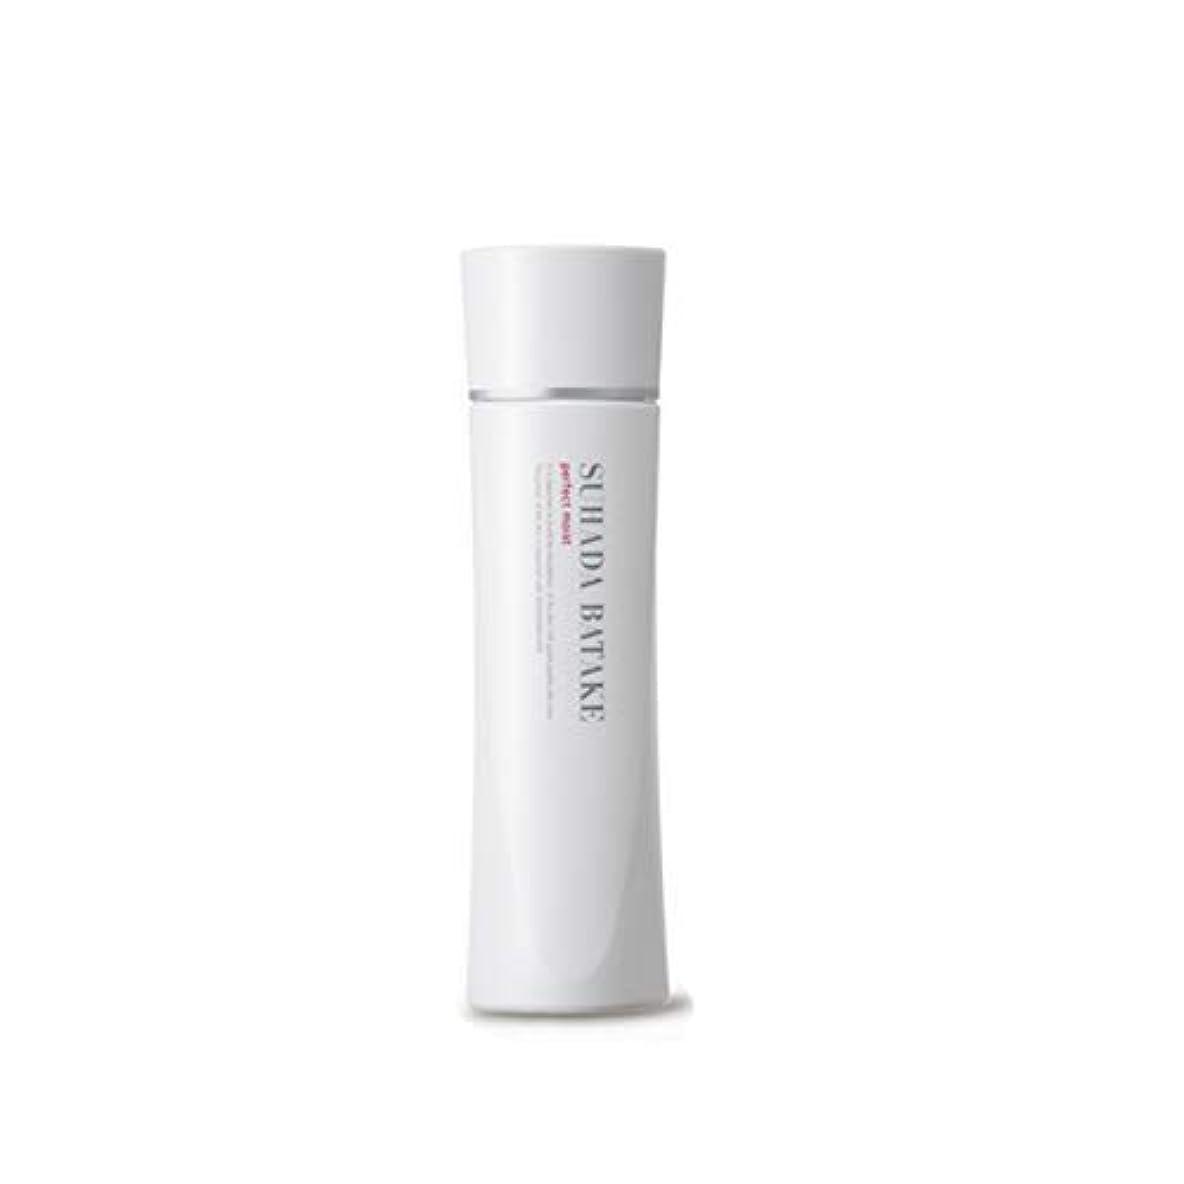 マイナーアトラス光の素肌畑 パーフェクト モイスト (美容化粧液)150ml